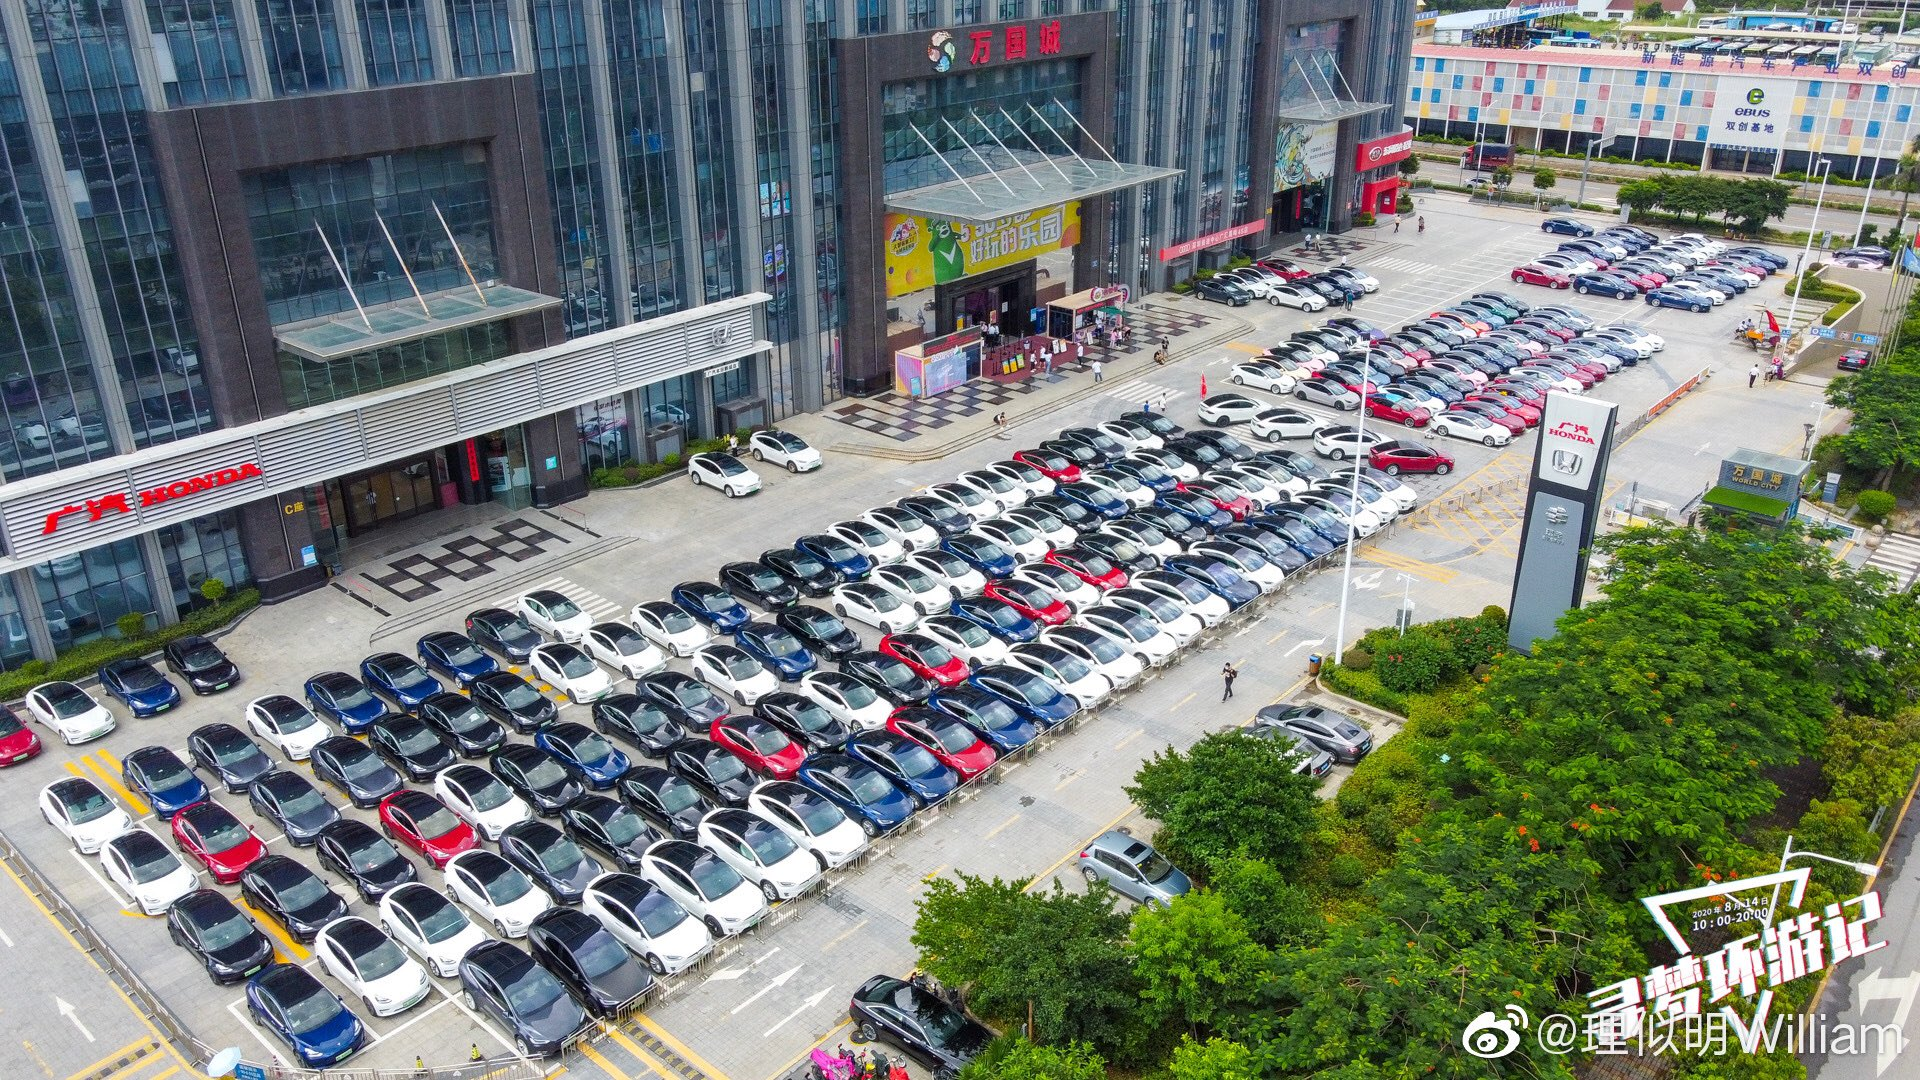 Магазины Tesla в Китае сообщают о большом количестве заказов на Model 3 после снижения цен